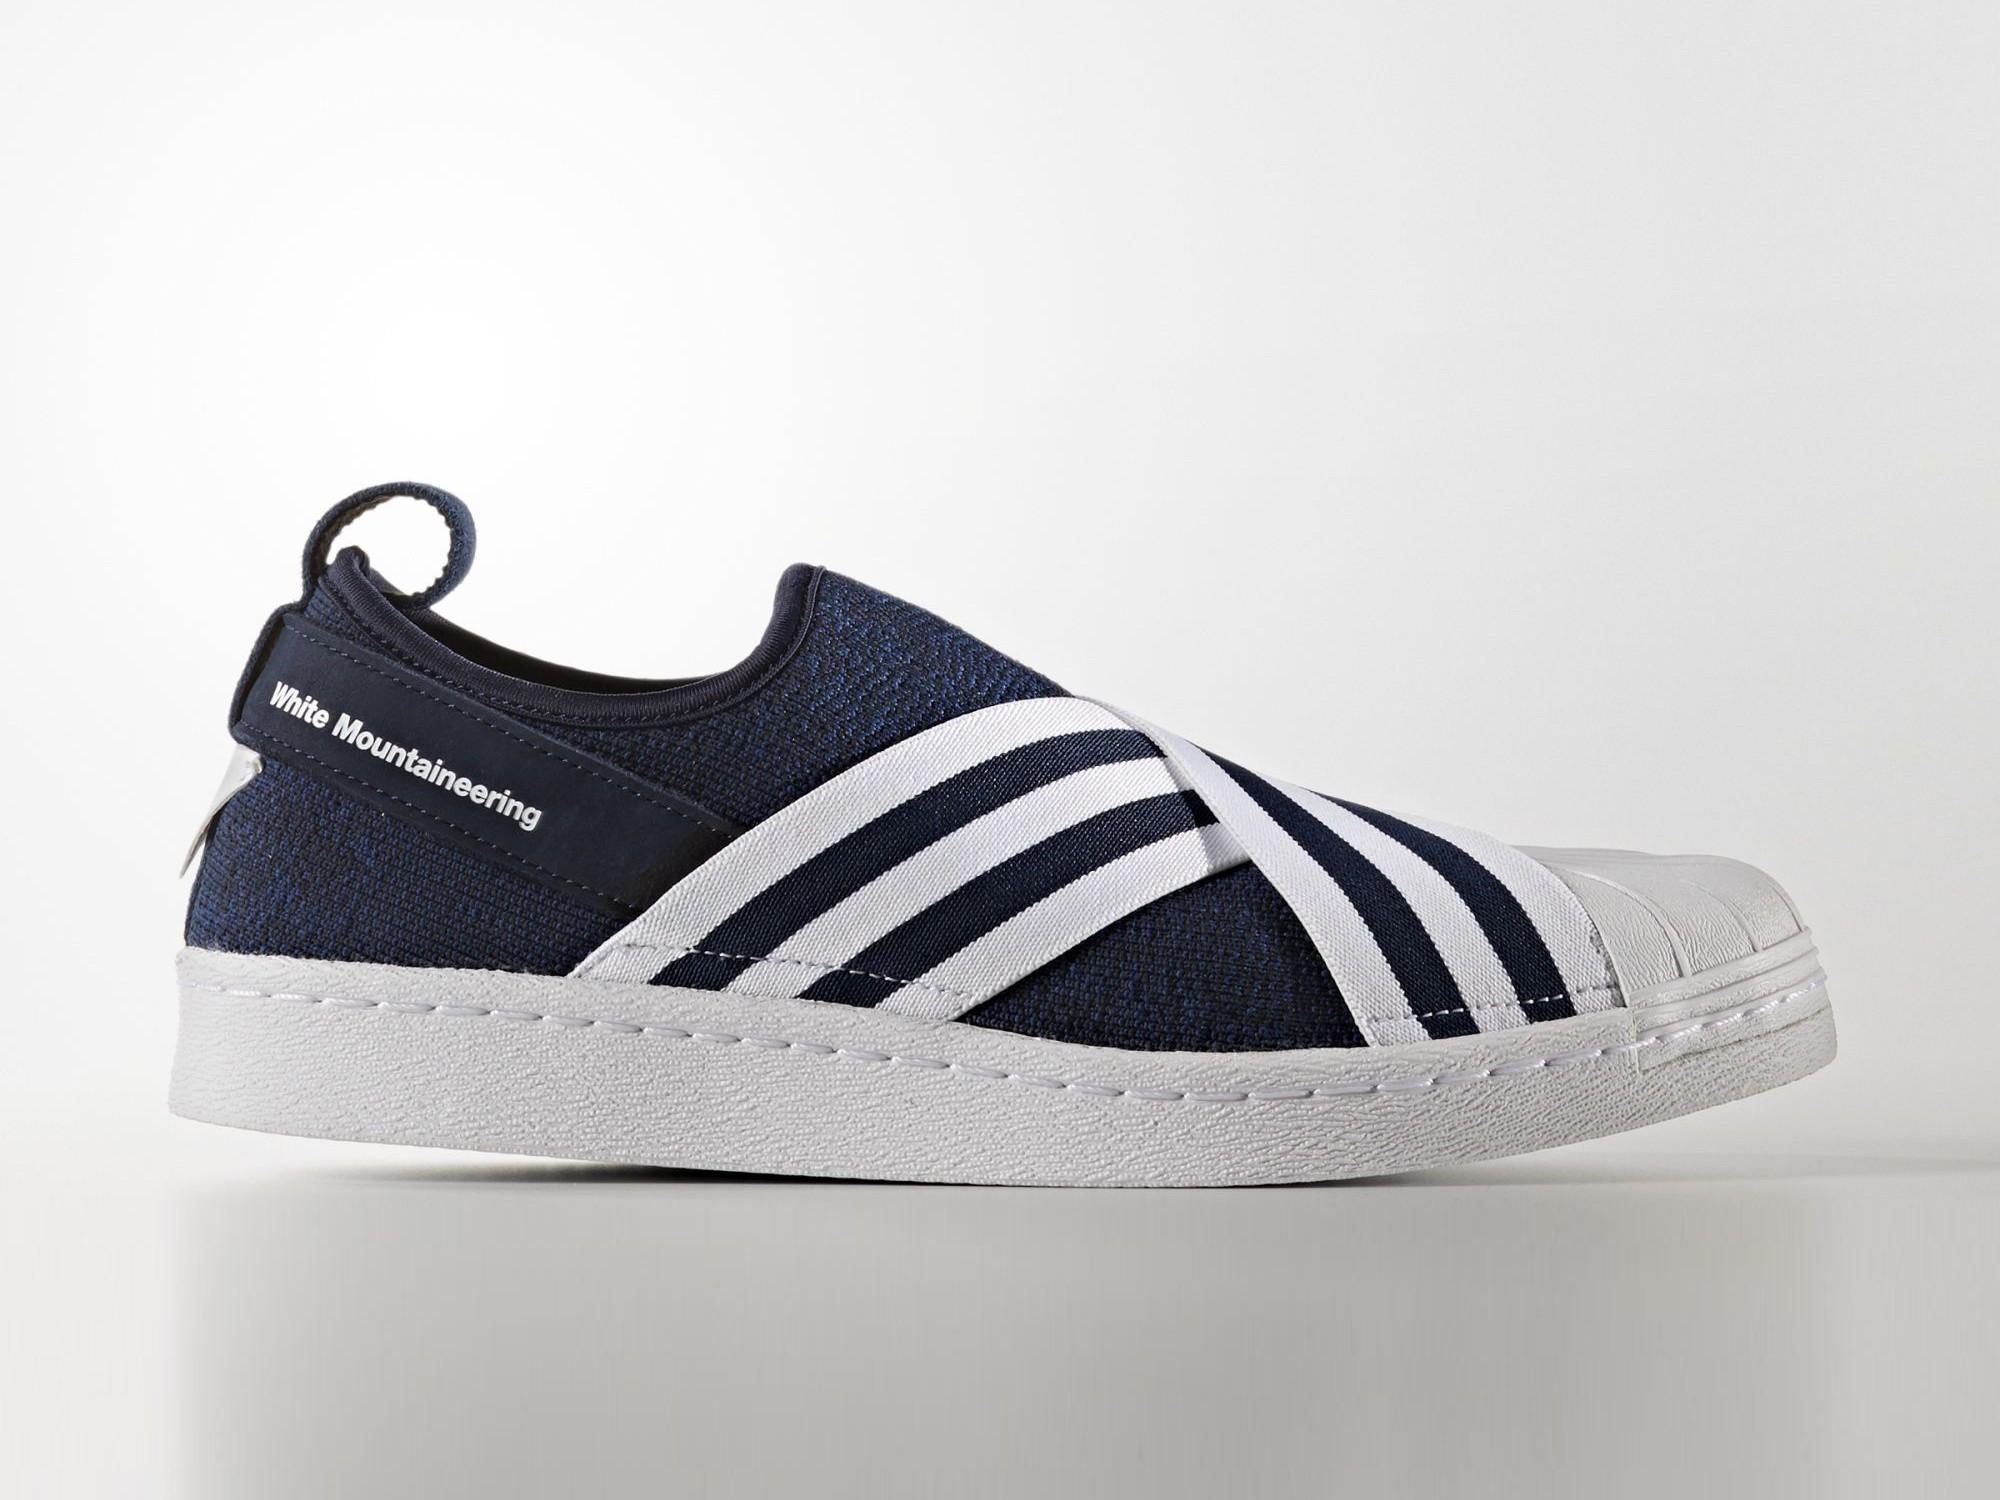 Adidas Superstar Slip On Mountaineering Navy Blue